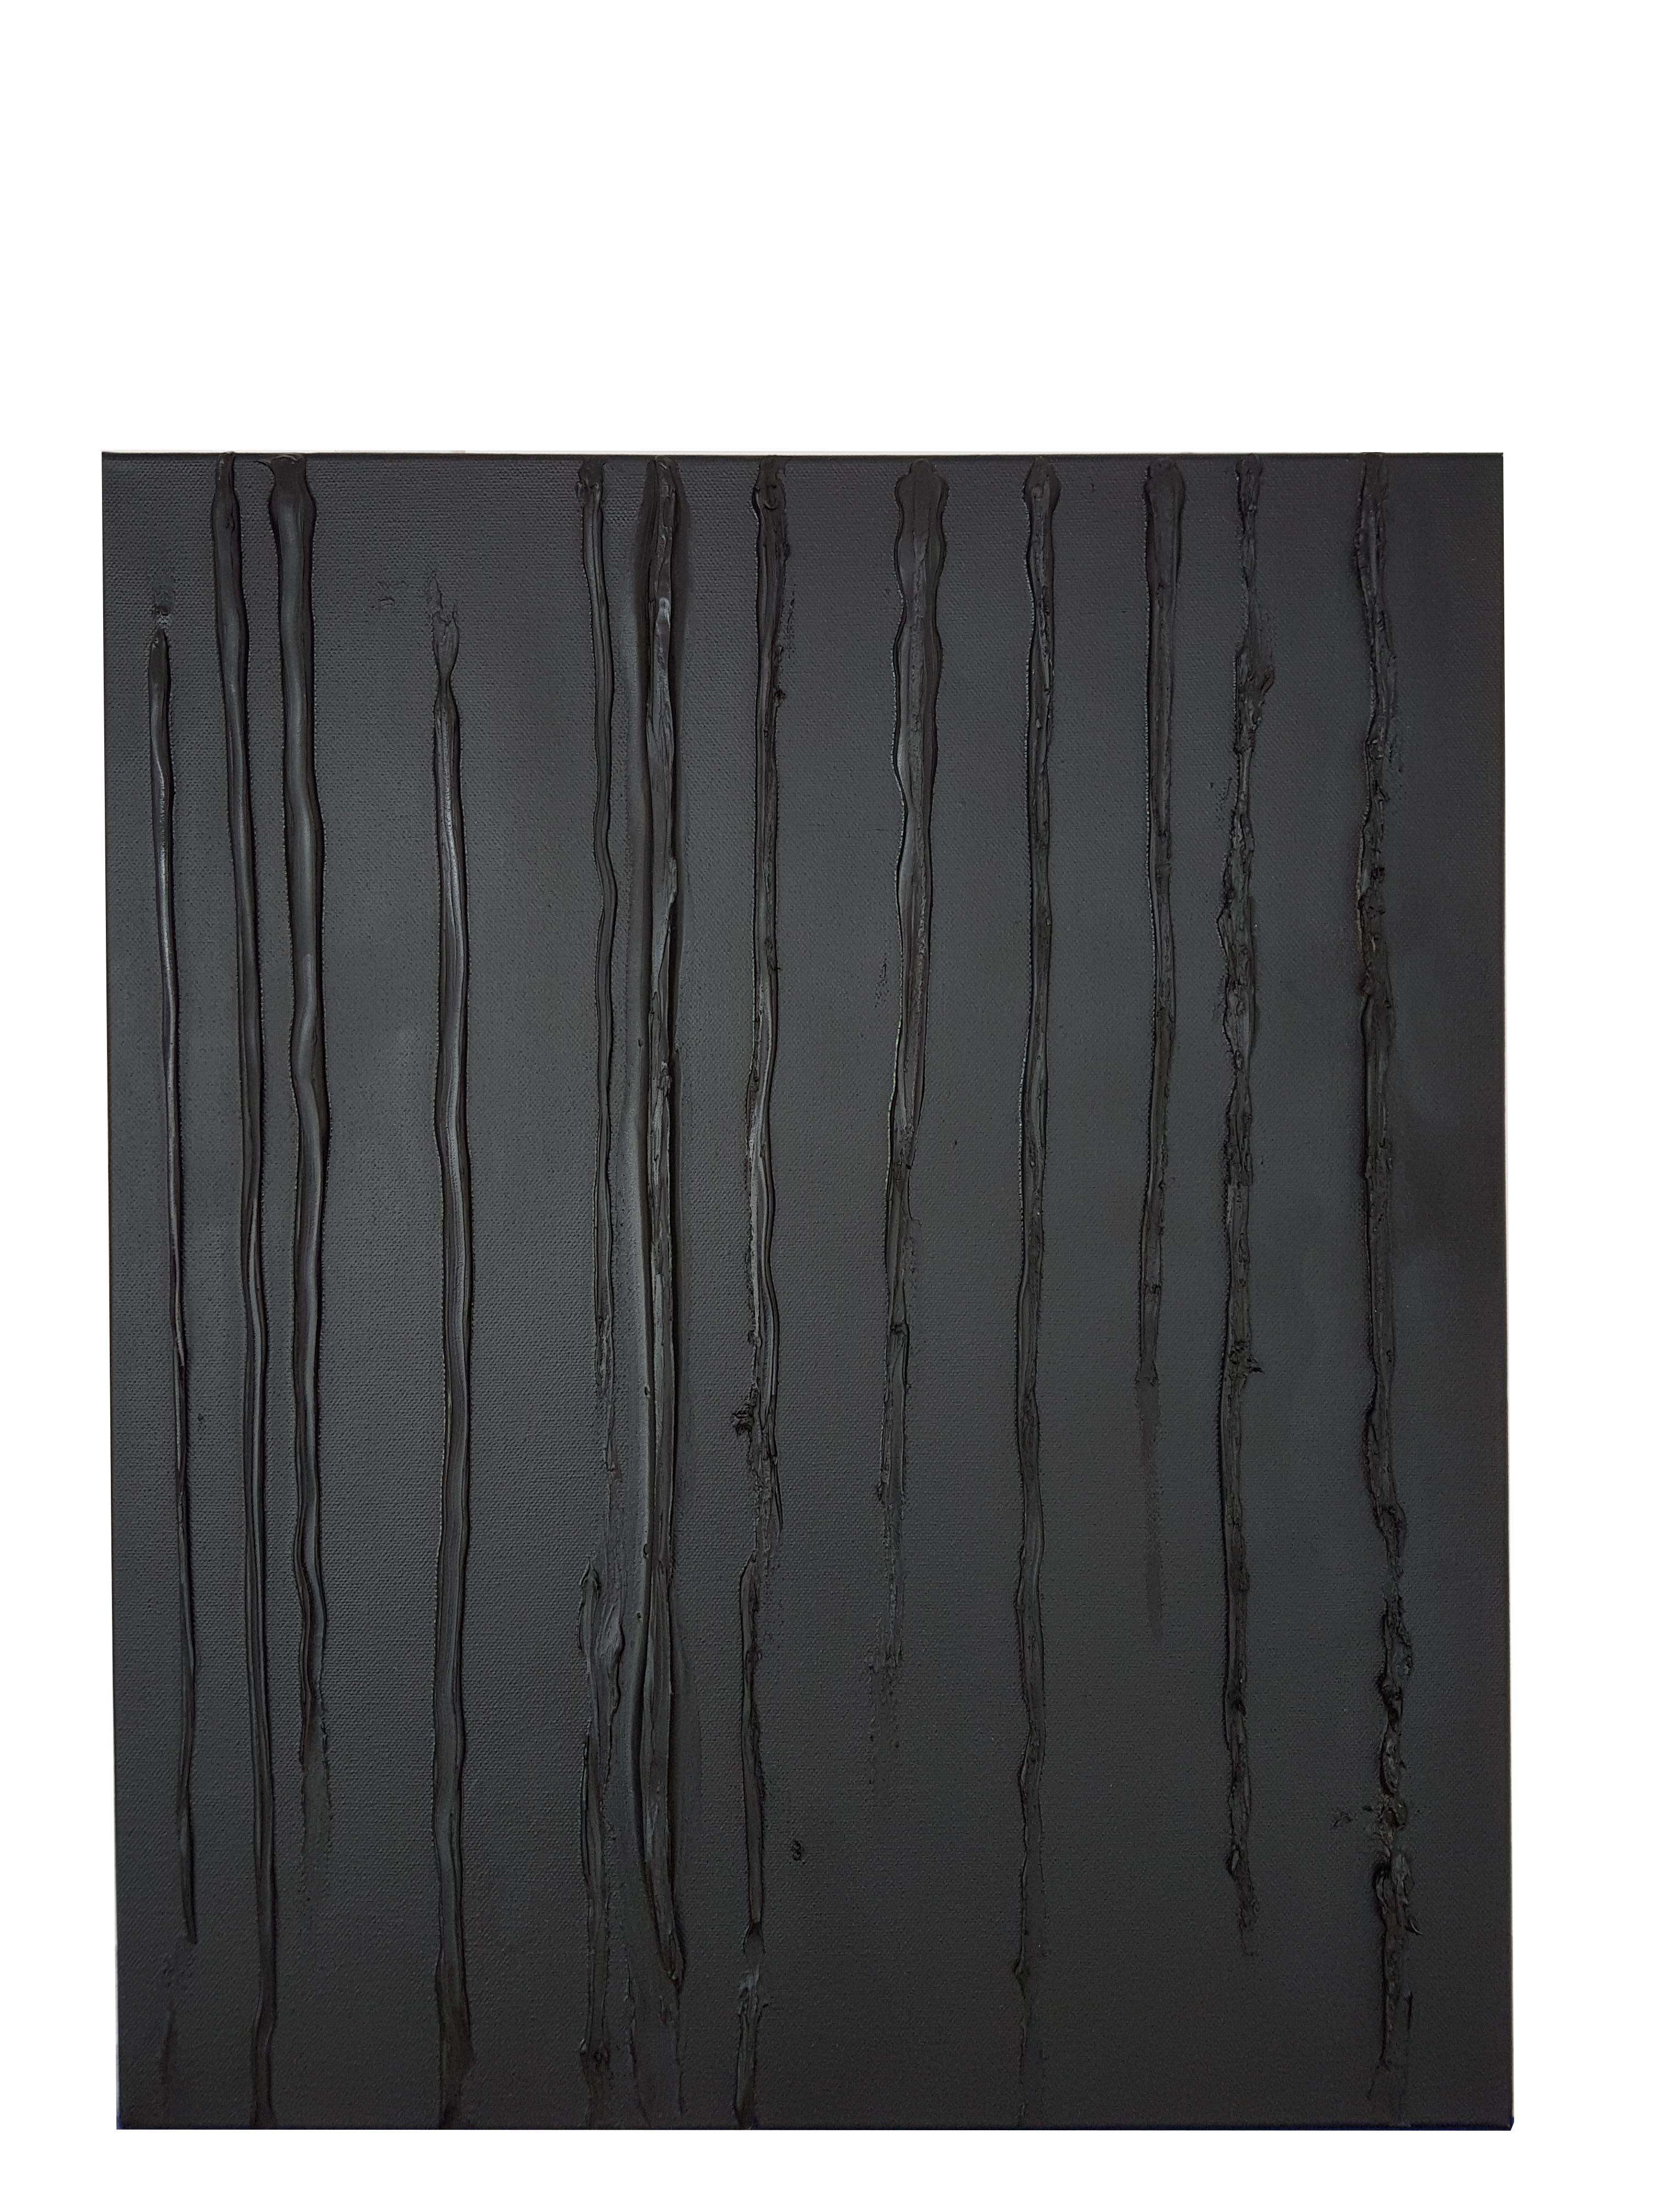 Tableau noir 3D